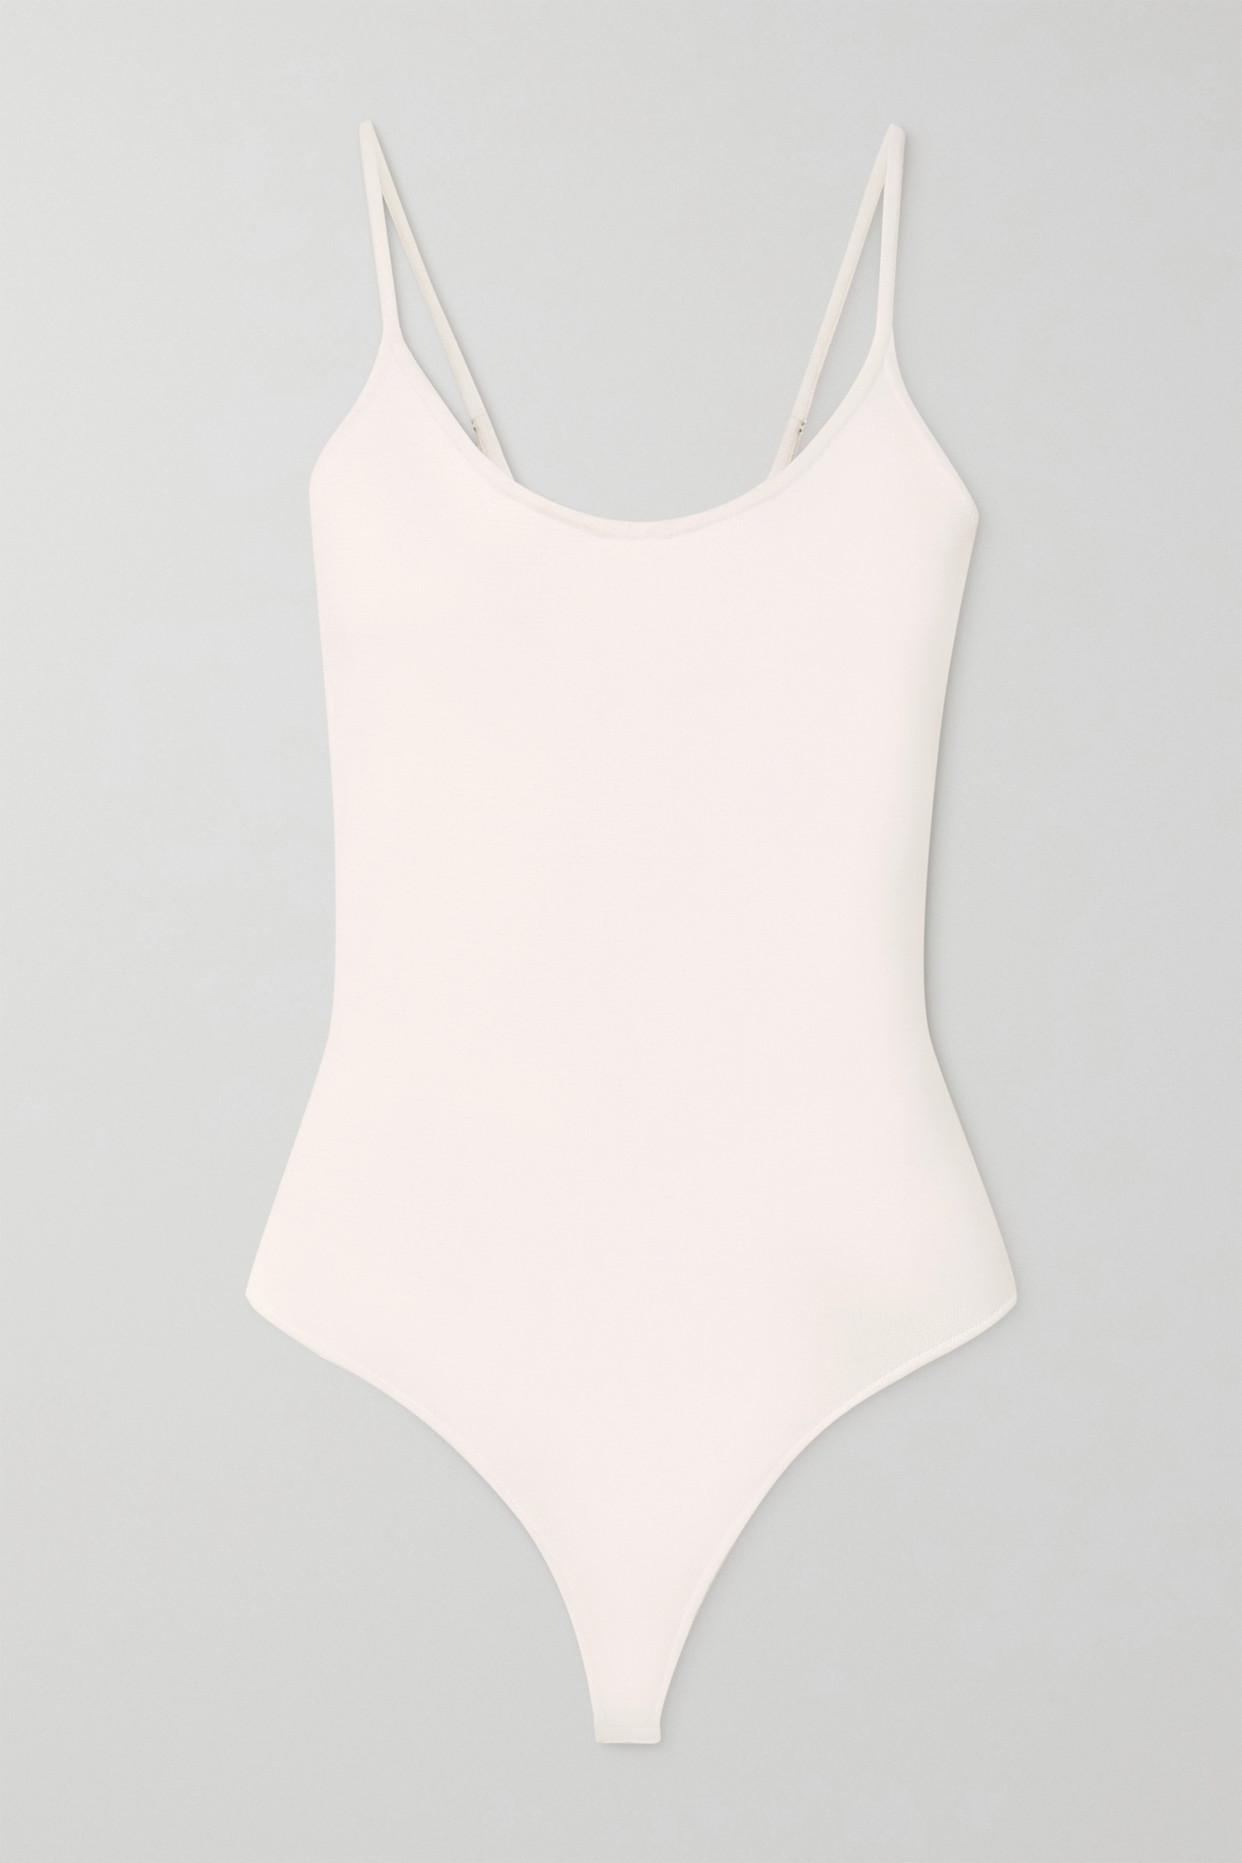 A.L.C. - A.l.c. X Petra Flannery Mara Stretch-knit Bodysuit - White - x small